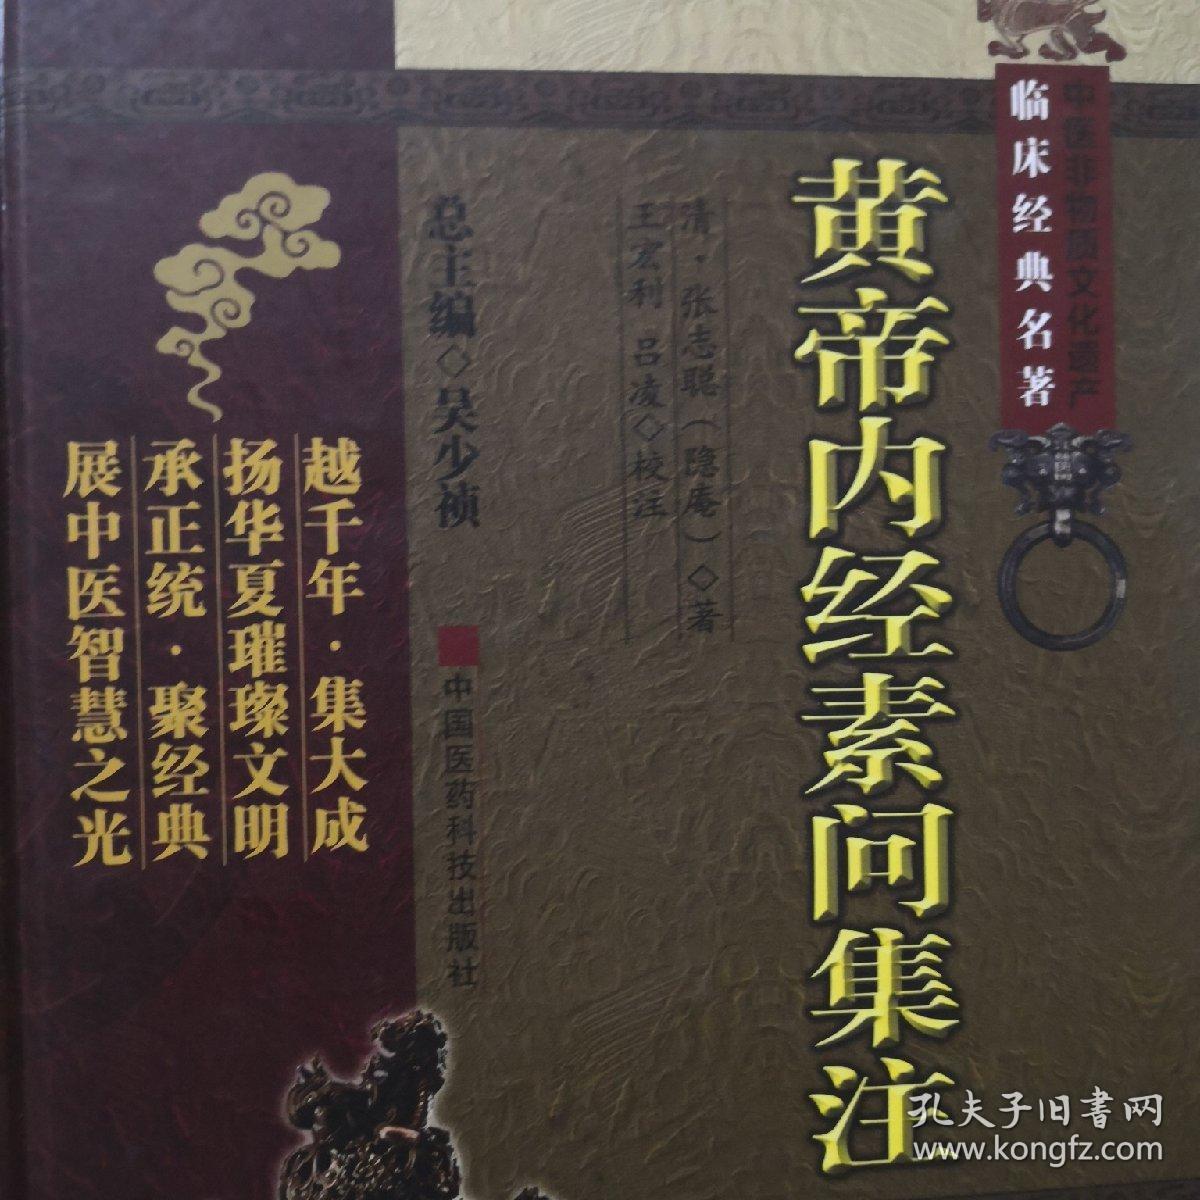 中医上的神临床分为哪五种,中医望神的主要内容